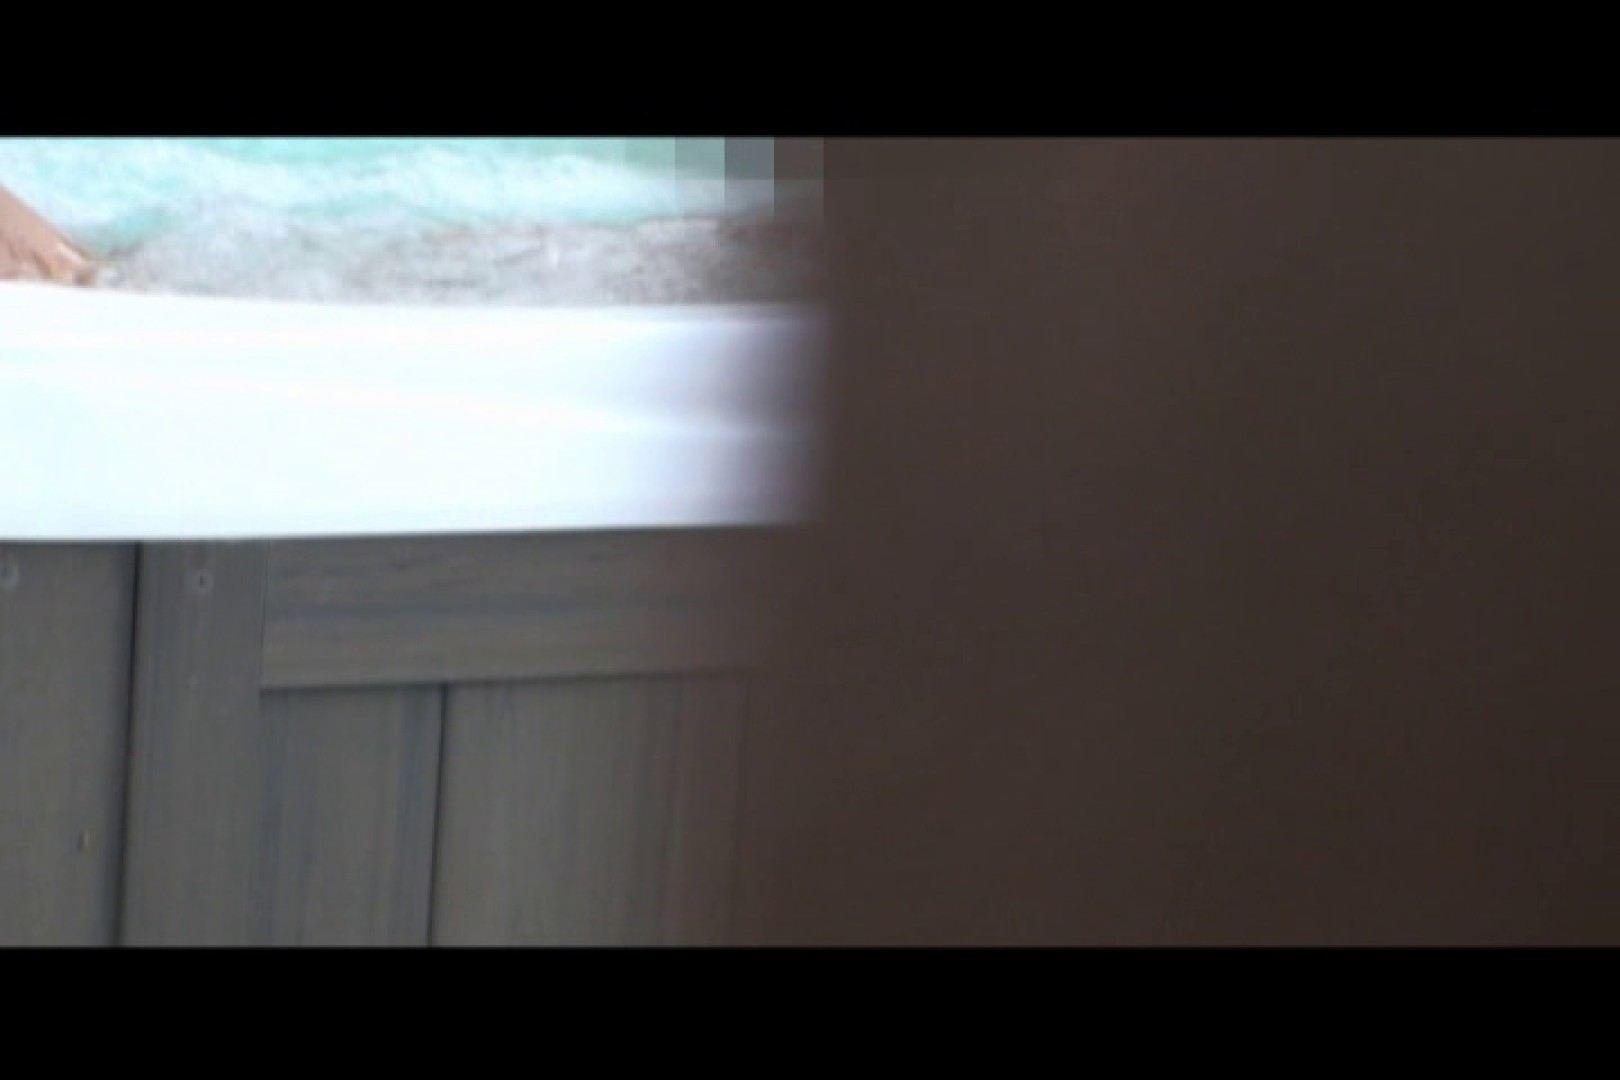 貸切露天 発情カップル! vol.05 露天風呂の女子達  85画像 10